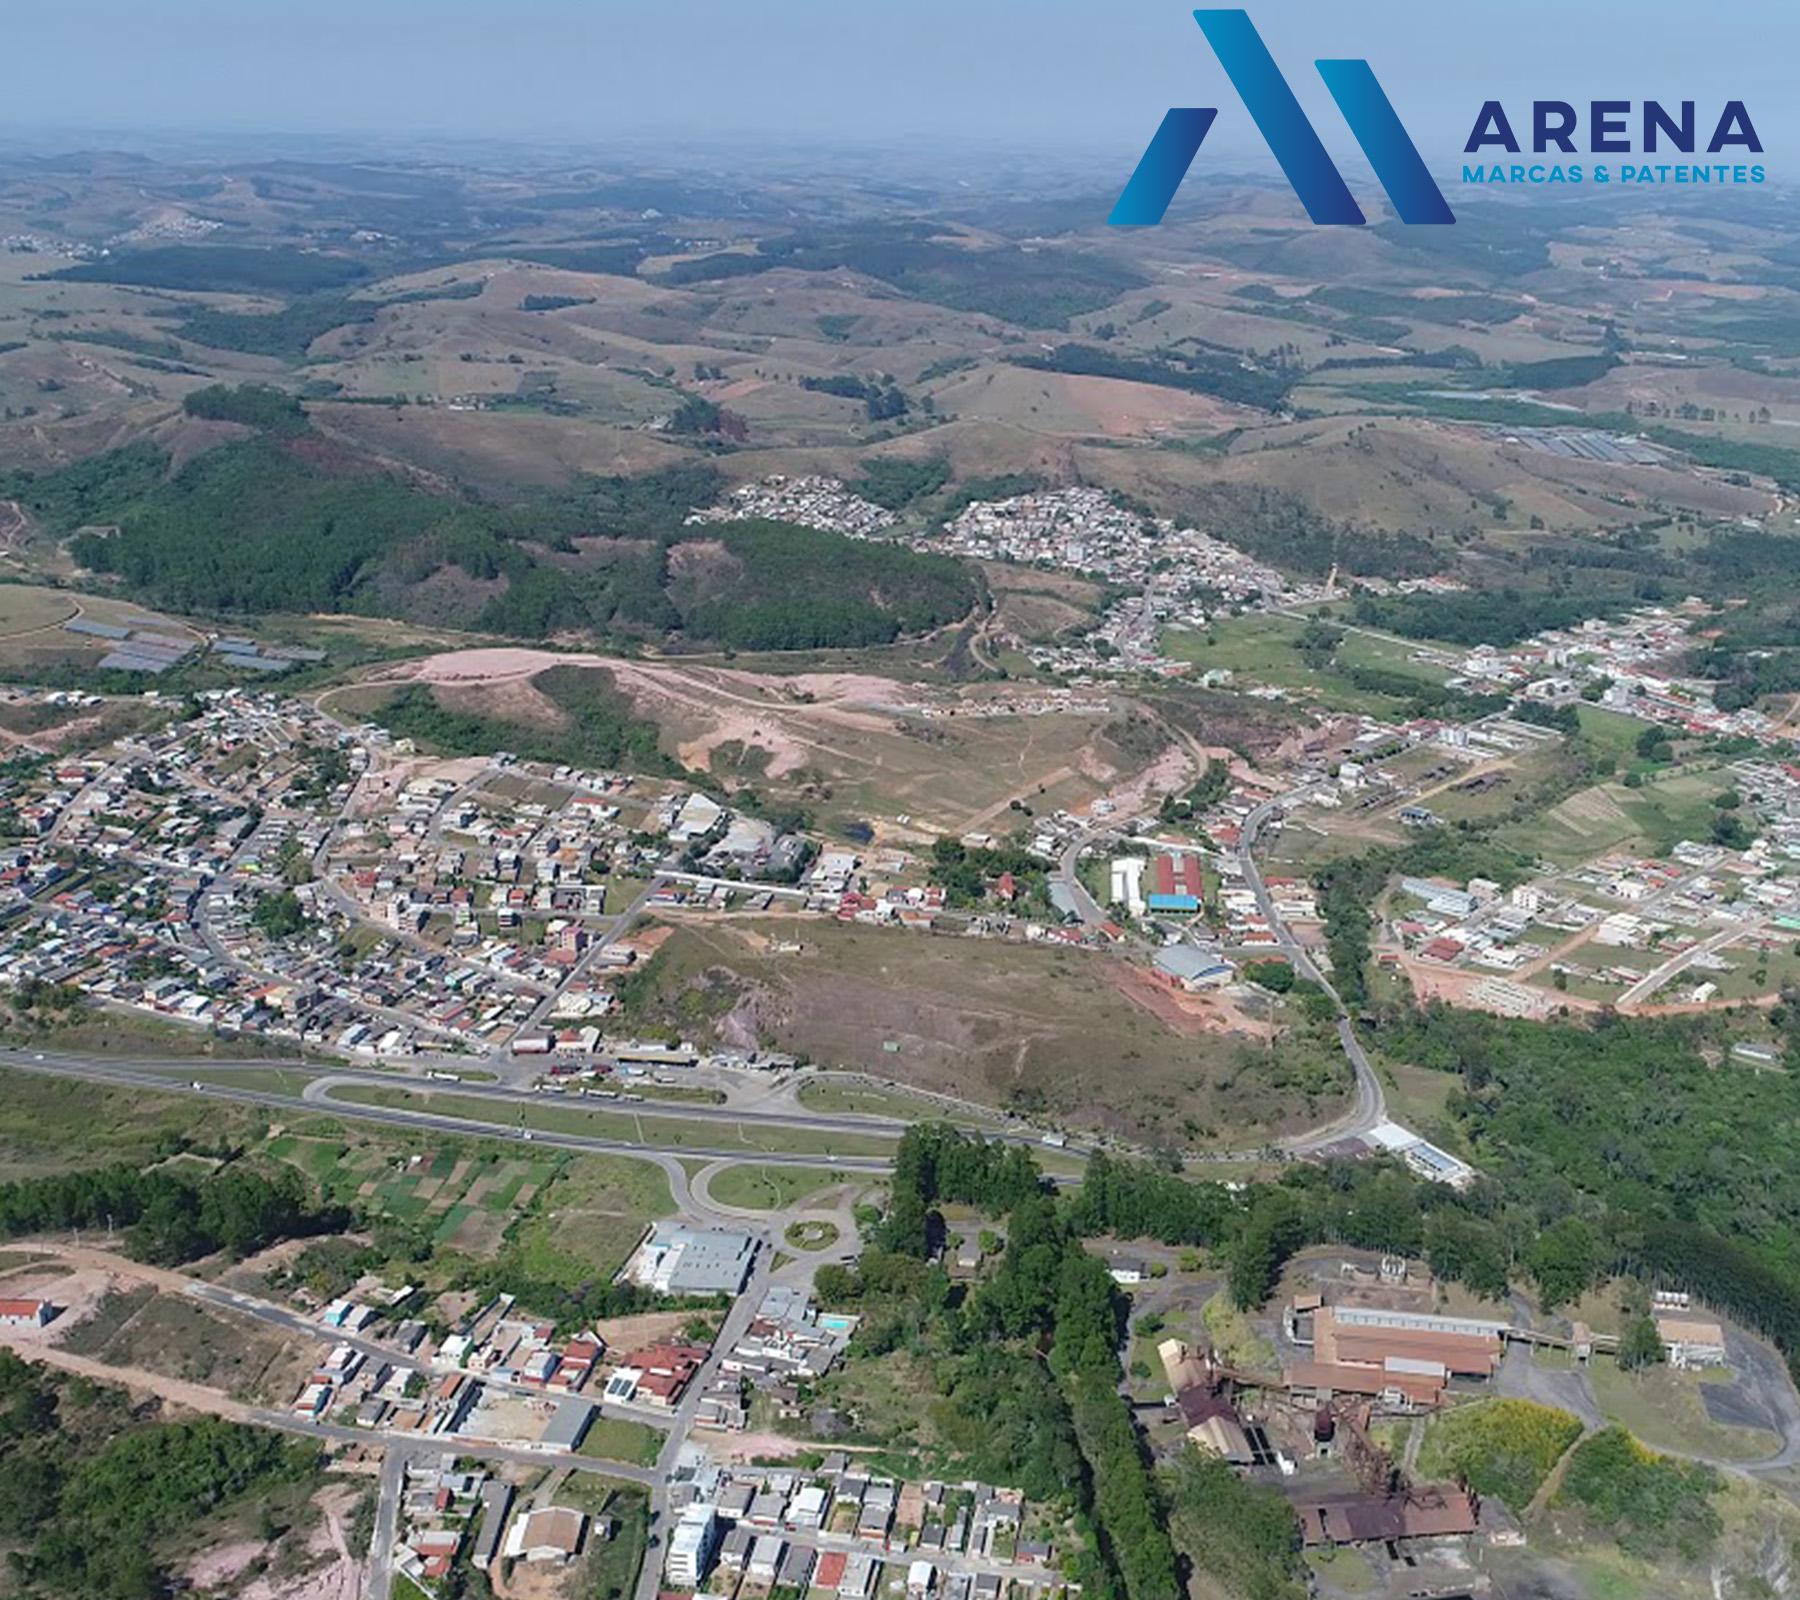 Alfredo Vasconcelos Minas Gerais fonte: registrodemarca.arenamarcas.com.br